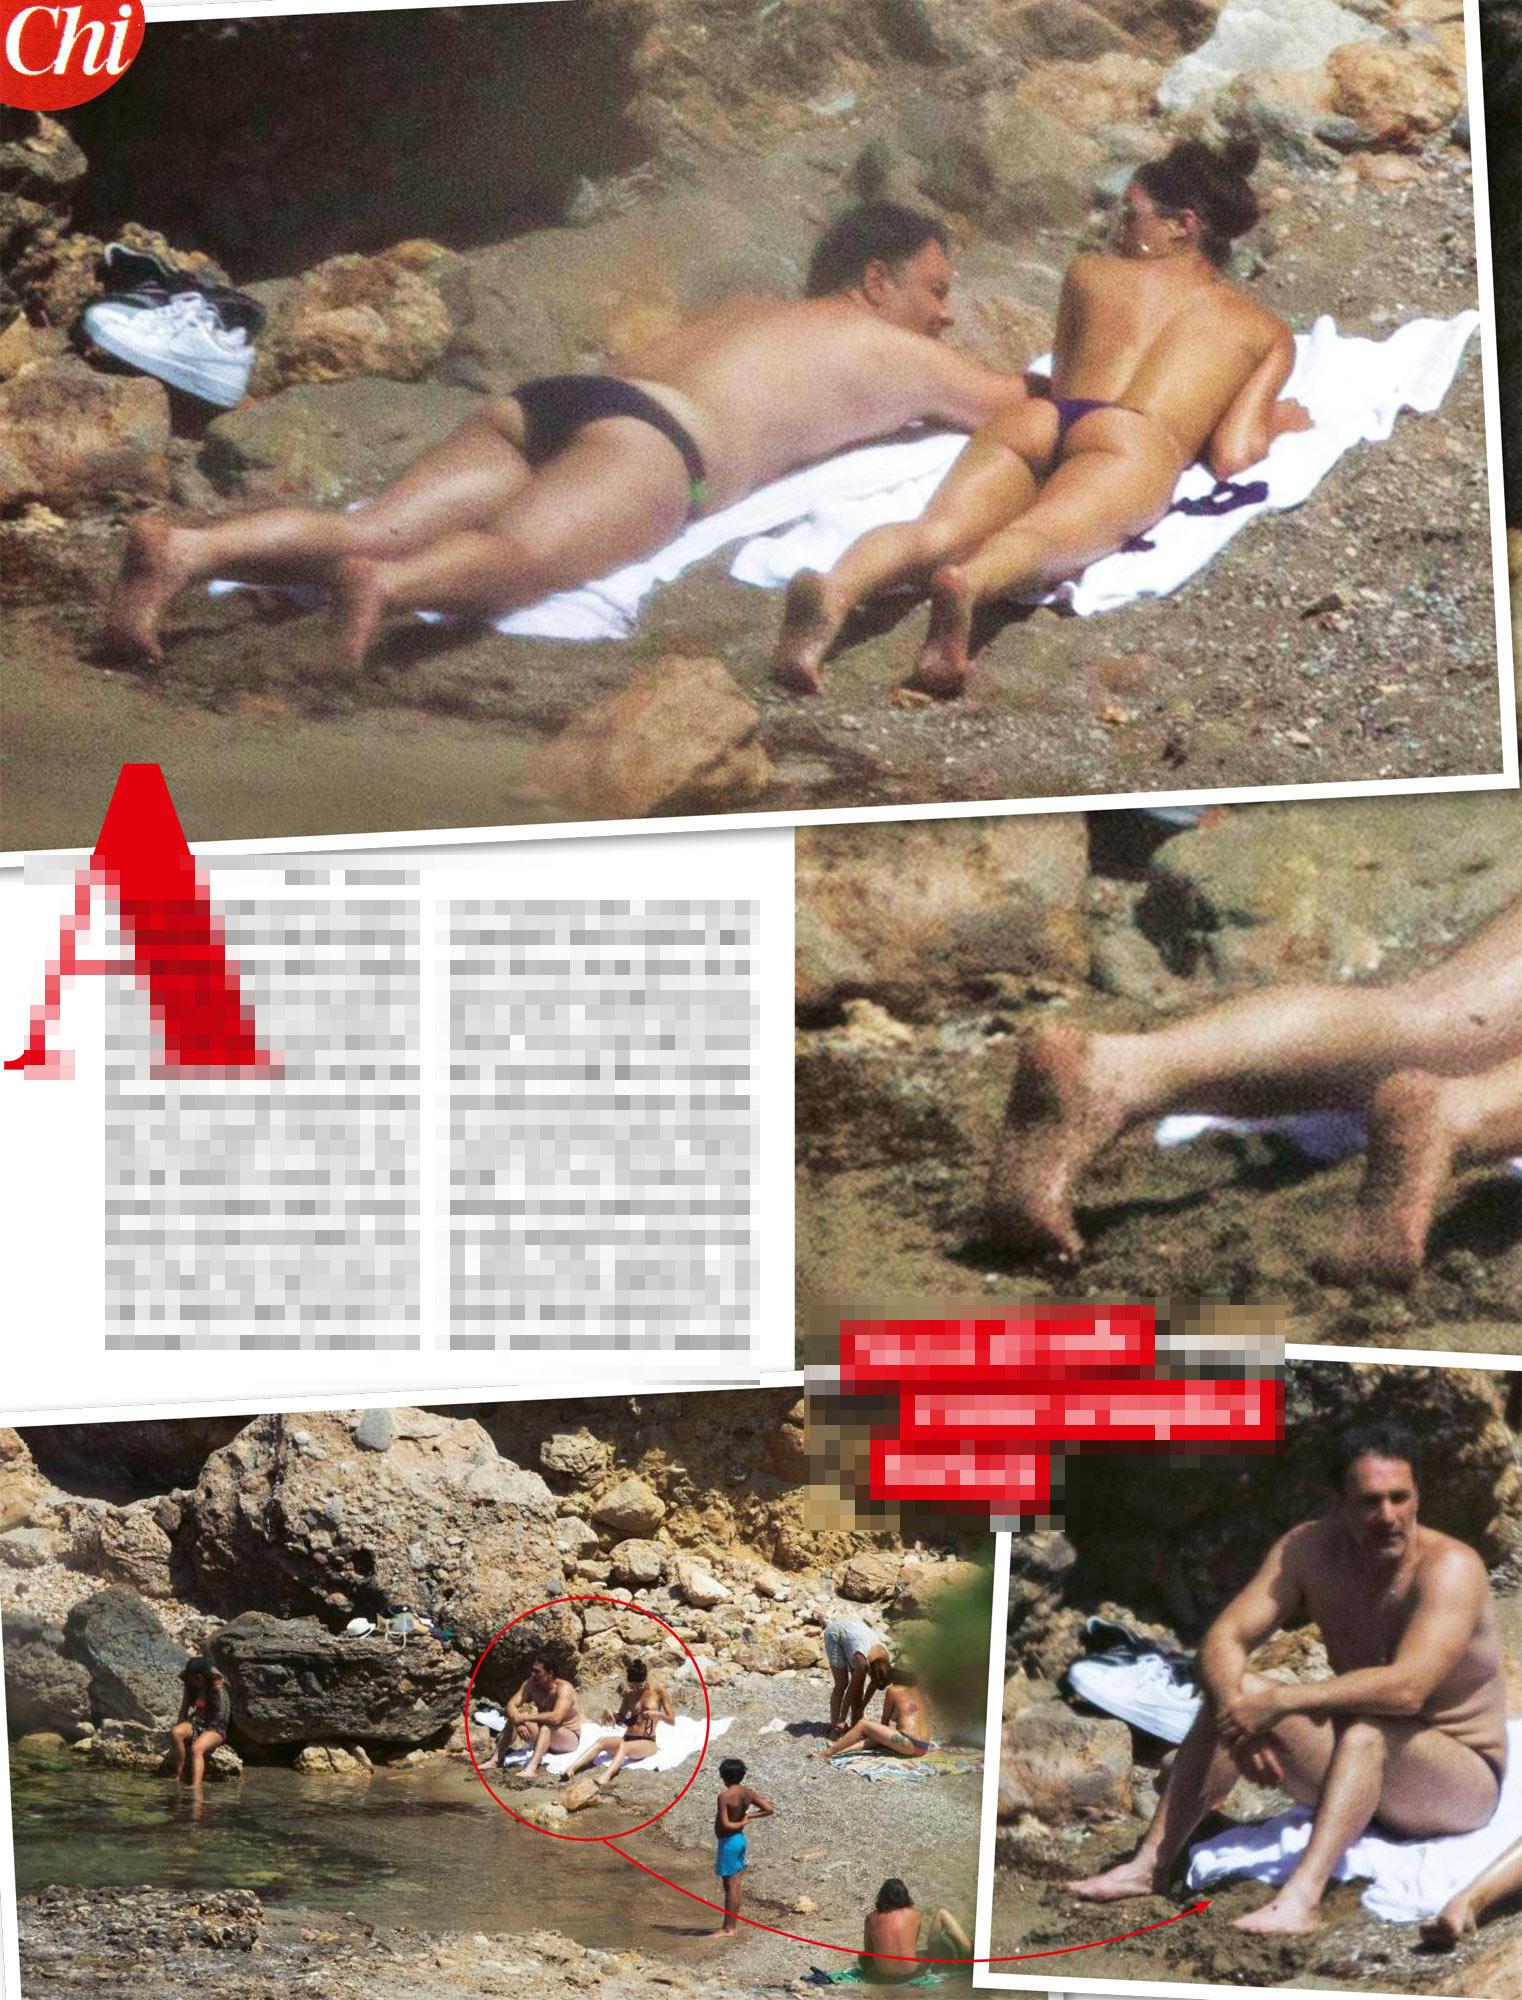 Raoul Bova, con Rocio Munoz Morales: coppia paparazzata in una caletta a Ibiza